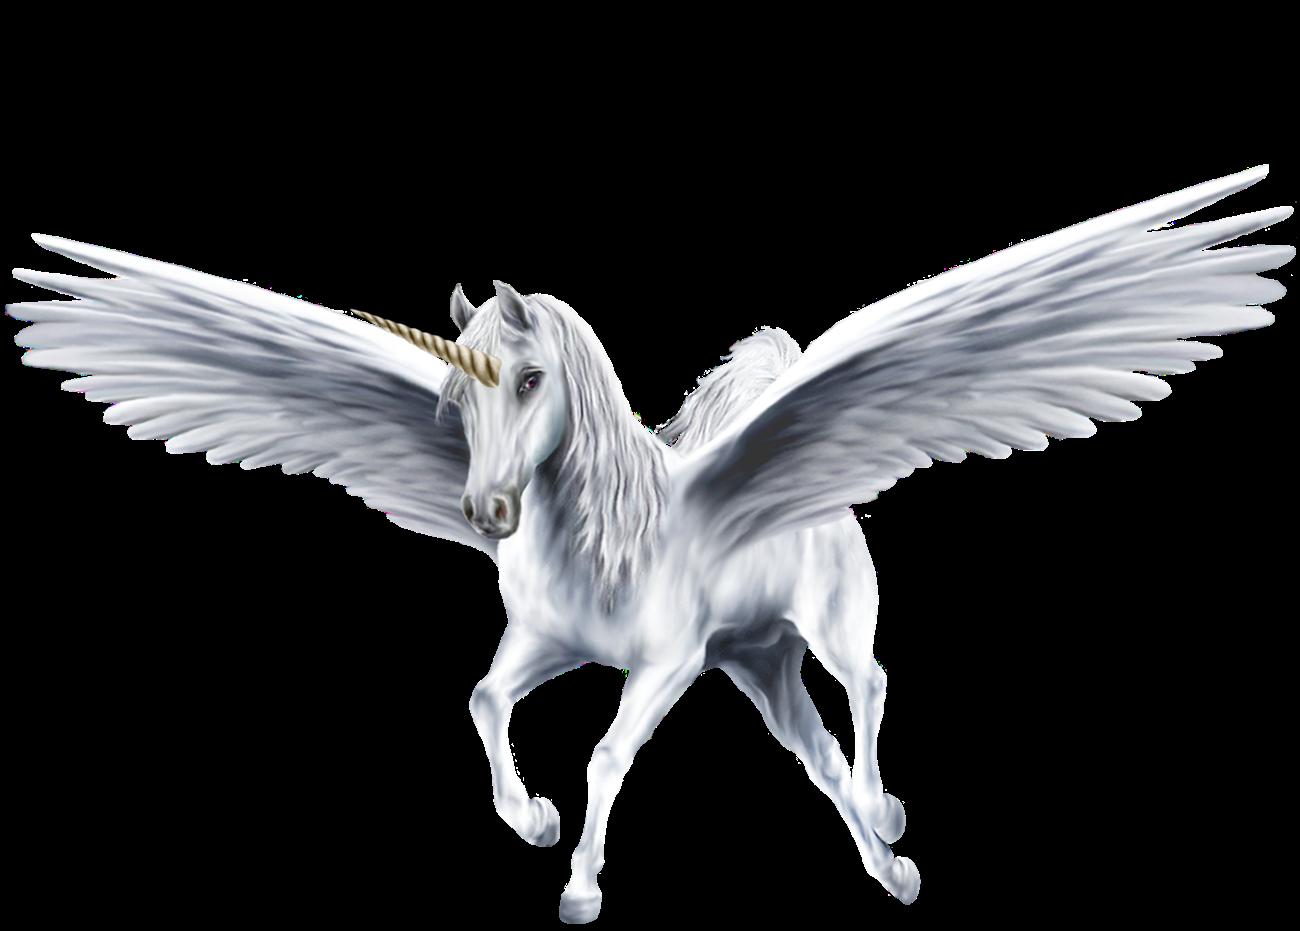 image an beautiful white winged unicorn unicorns 39364232 1300